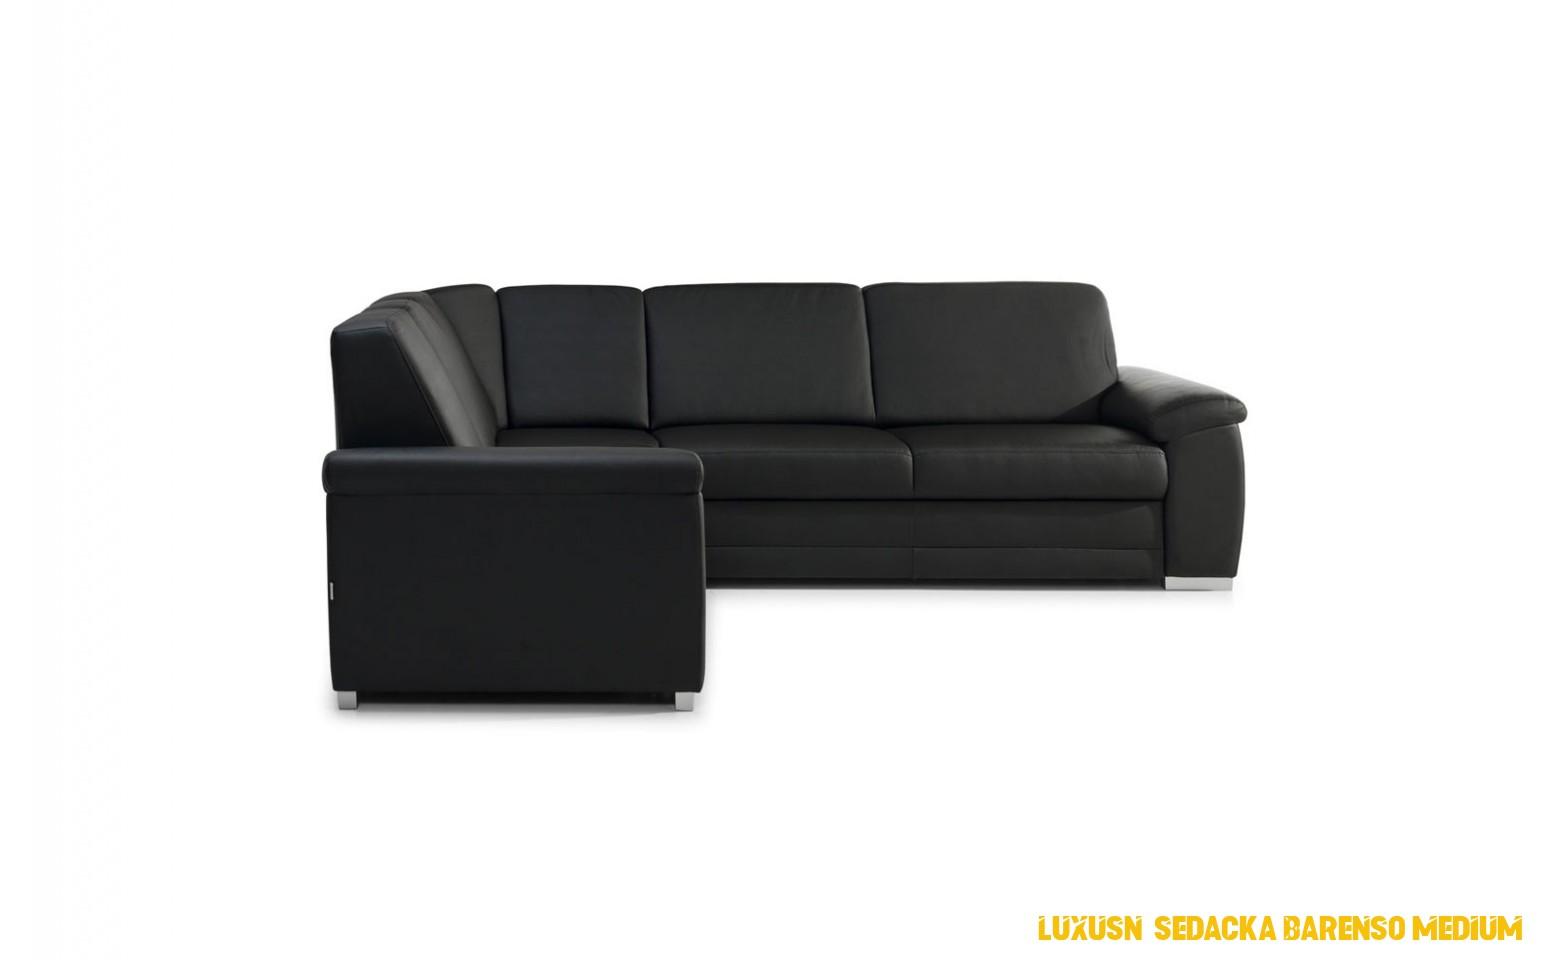 Luxusní sedačka Barenso medium